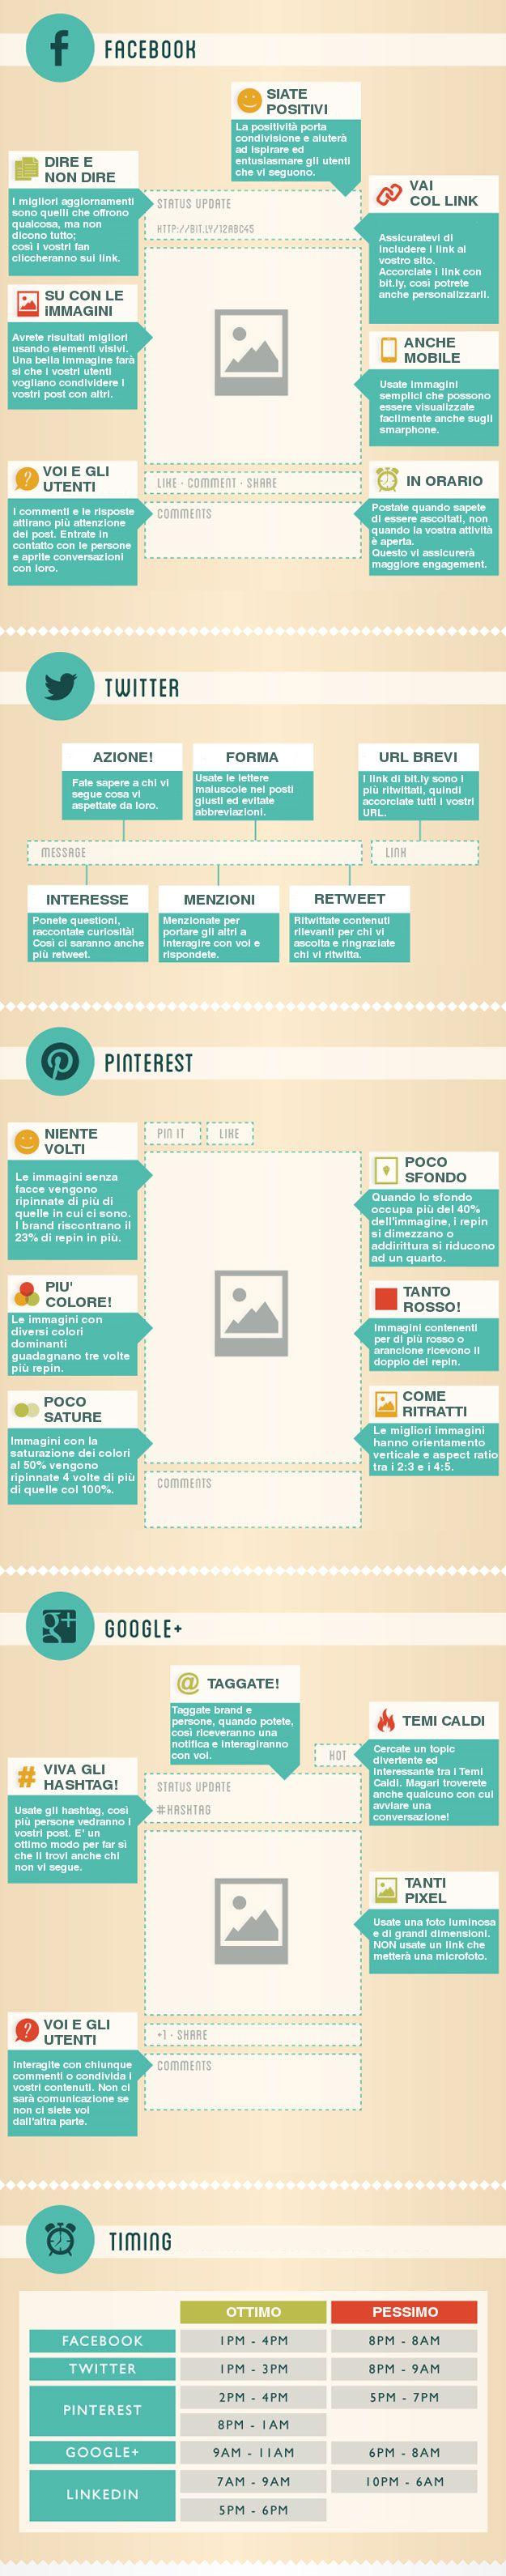 Come creare post perfetti sui diversi #SocialMedia | #SocialMediaMarketing #SMM | Utile! ;)